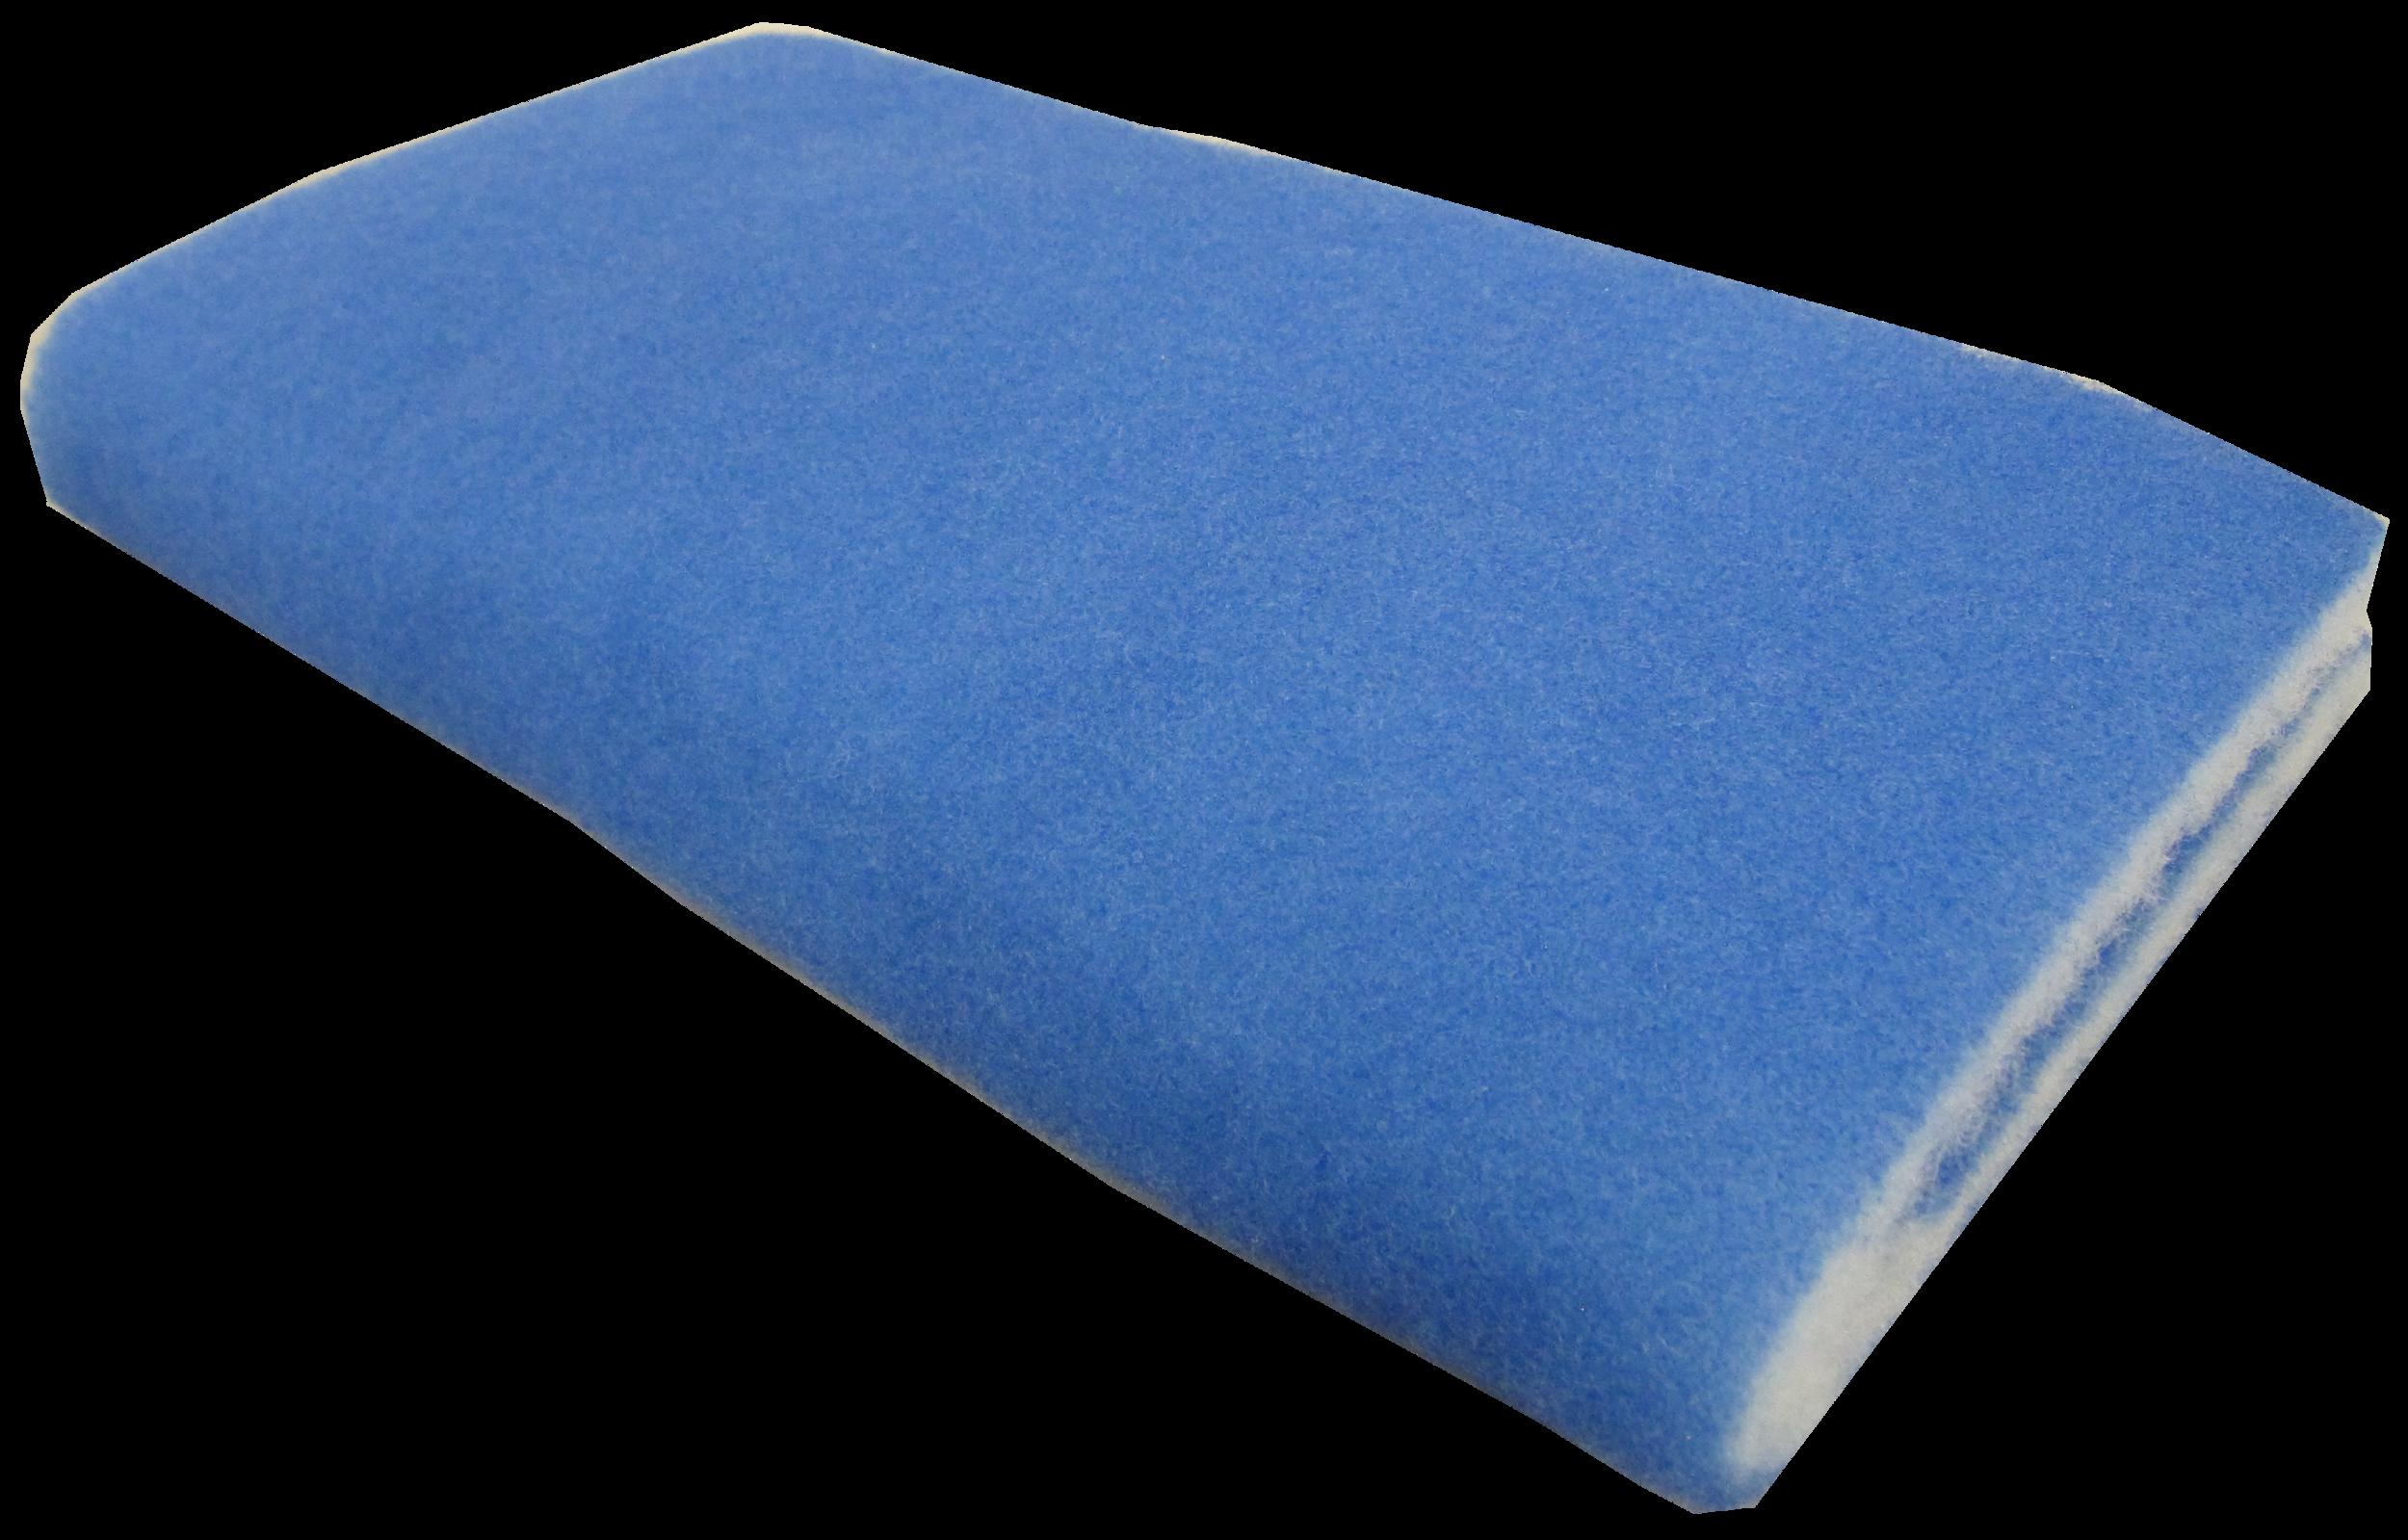 """24x15"""" Dual Density Pad   SKU: AM41084  UPC#:7-49729-41084-3  Case Pack: 36pcs.  Master Carton Weight:  Master Carton Size:"""